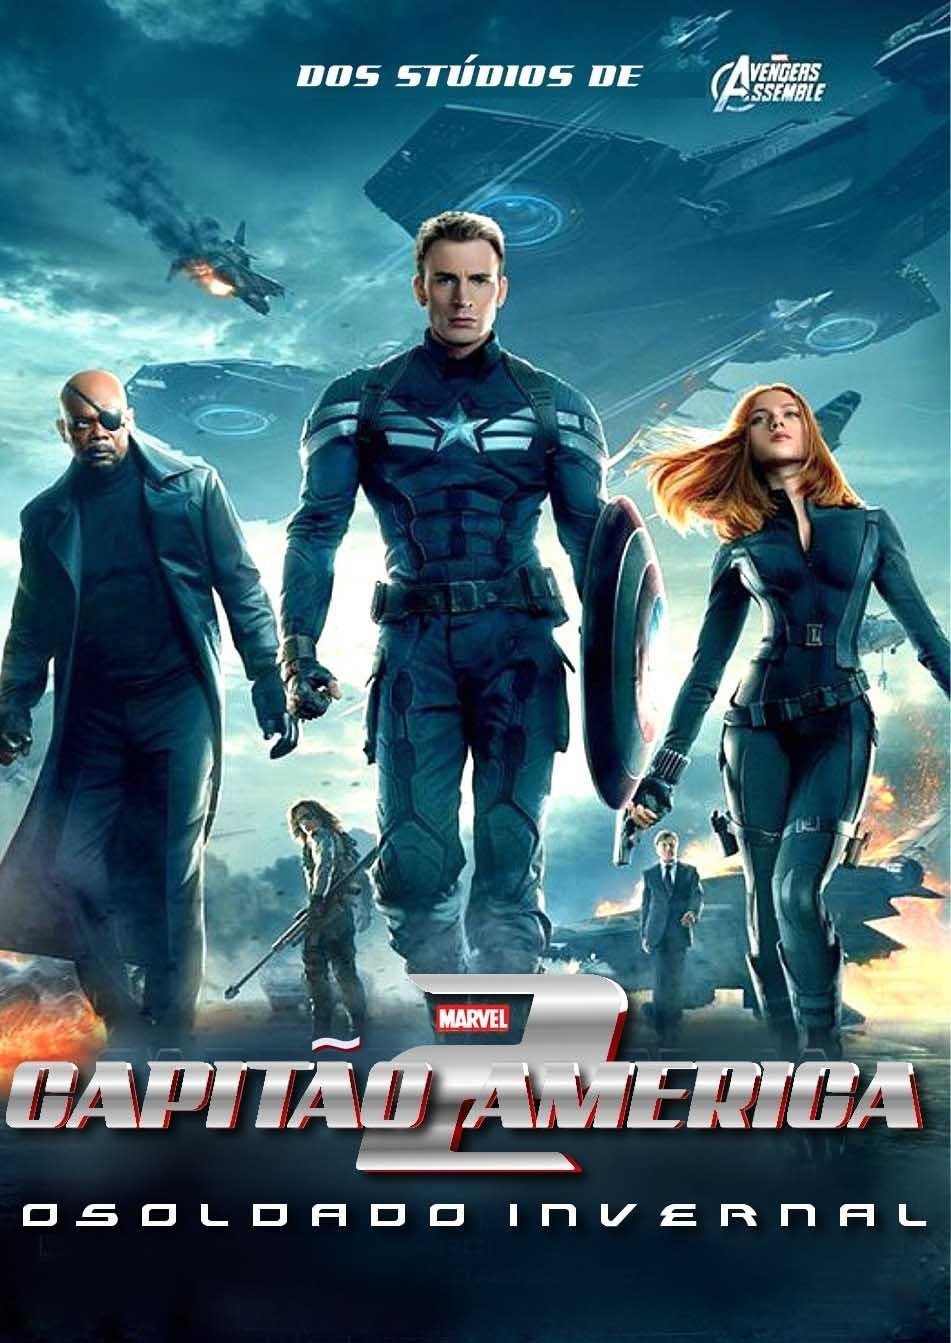 Capitão América 2: O Soldado Invernal 3D Torrent - BluRay 1080p Dual Áudio